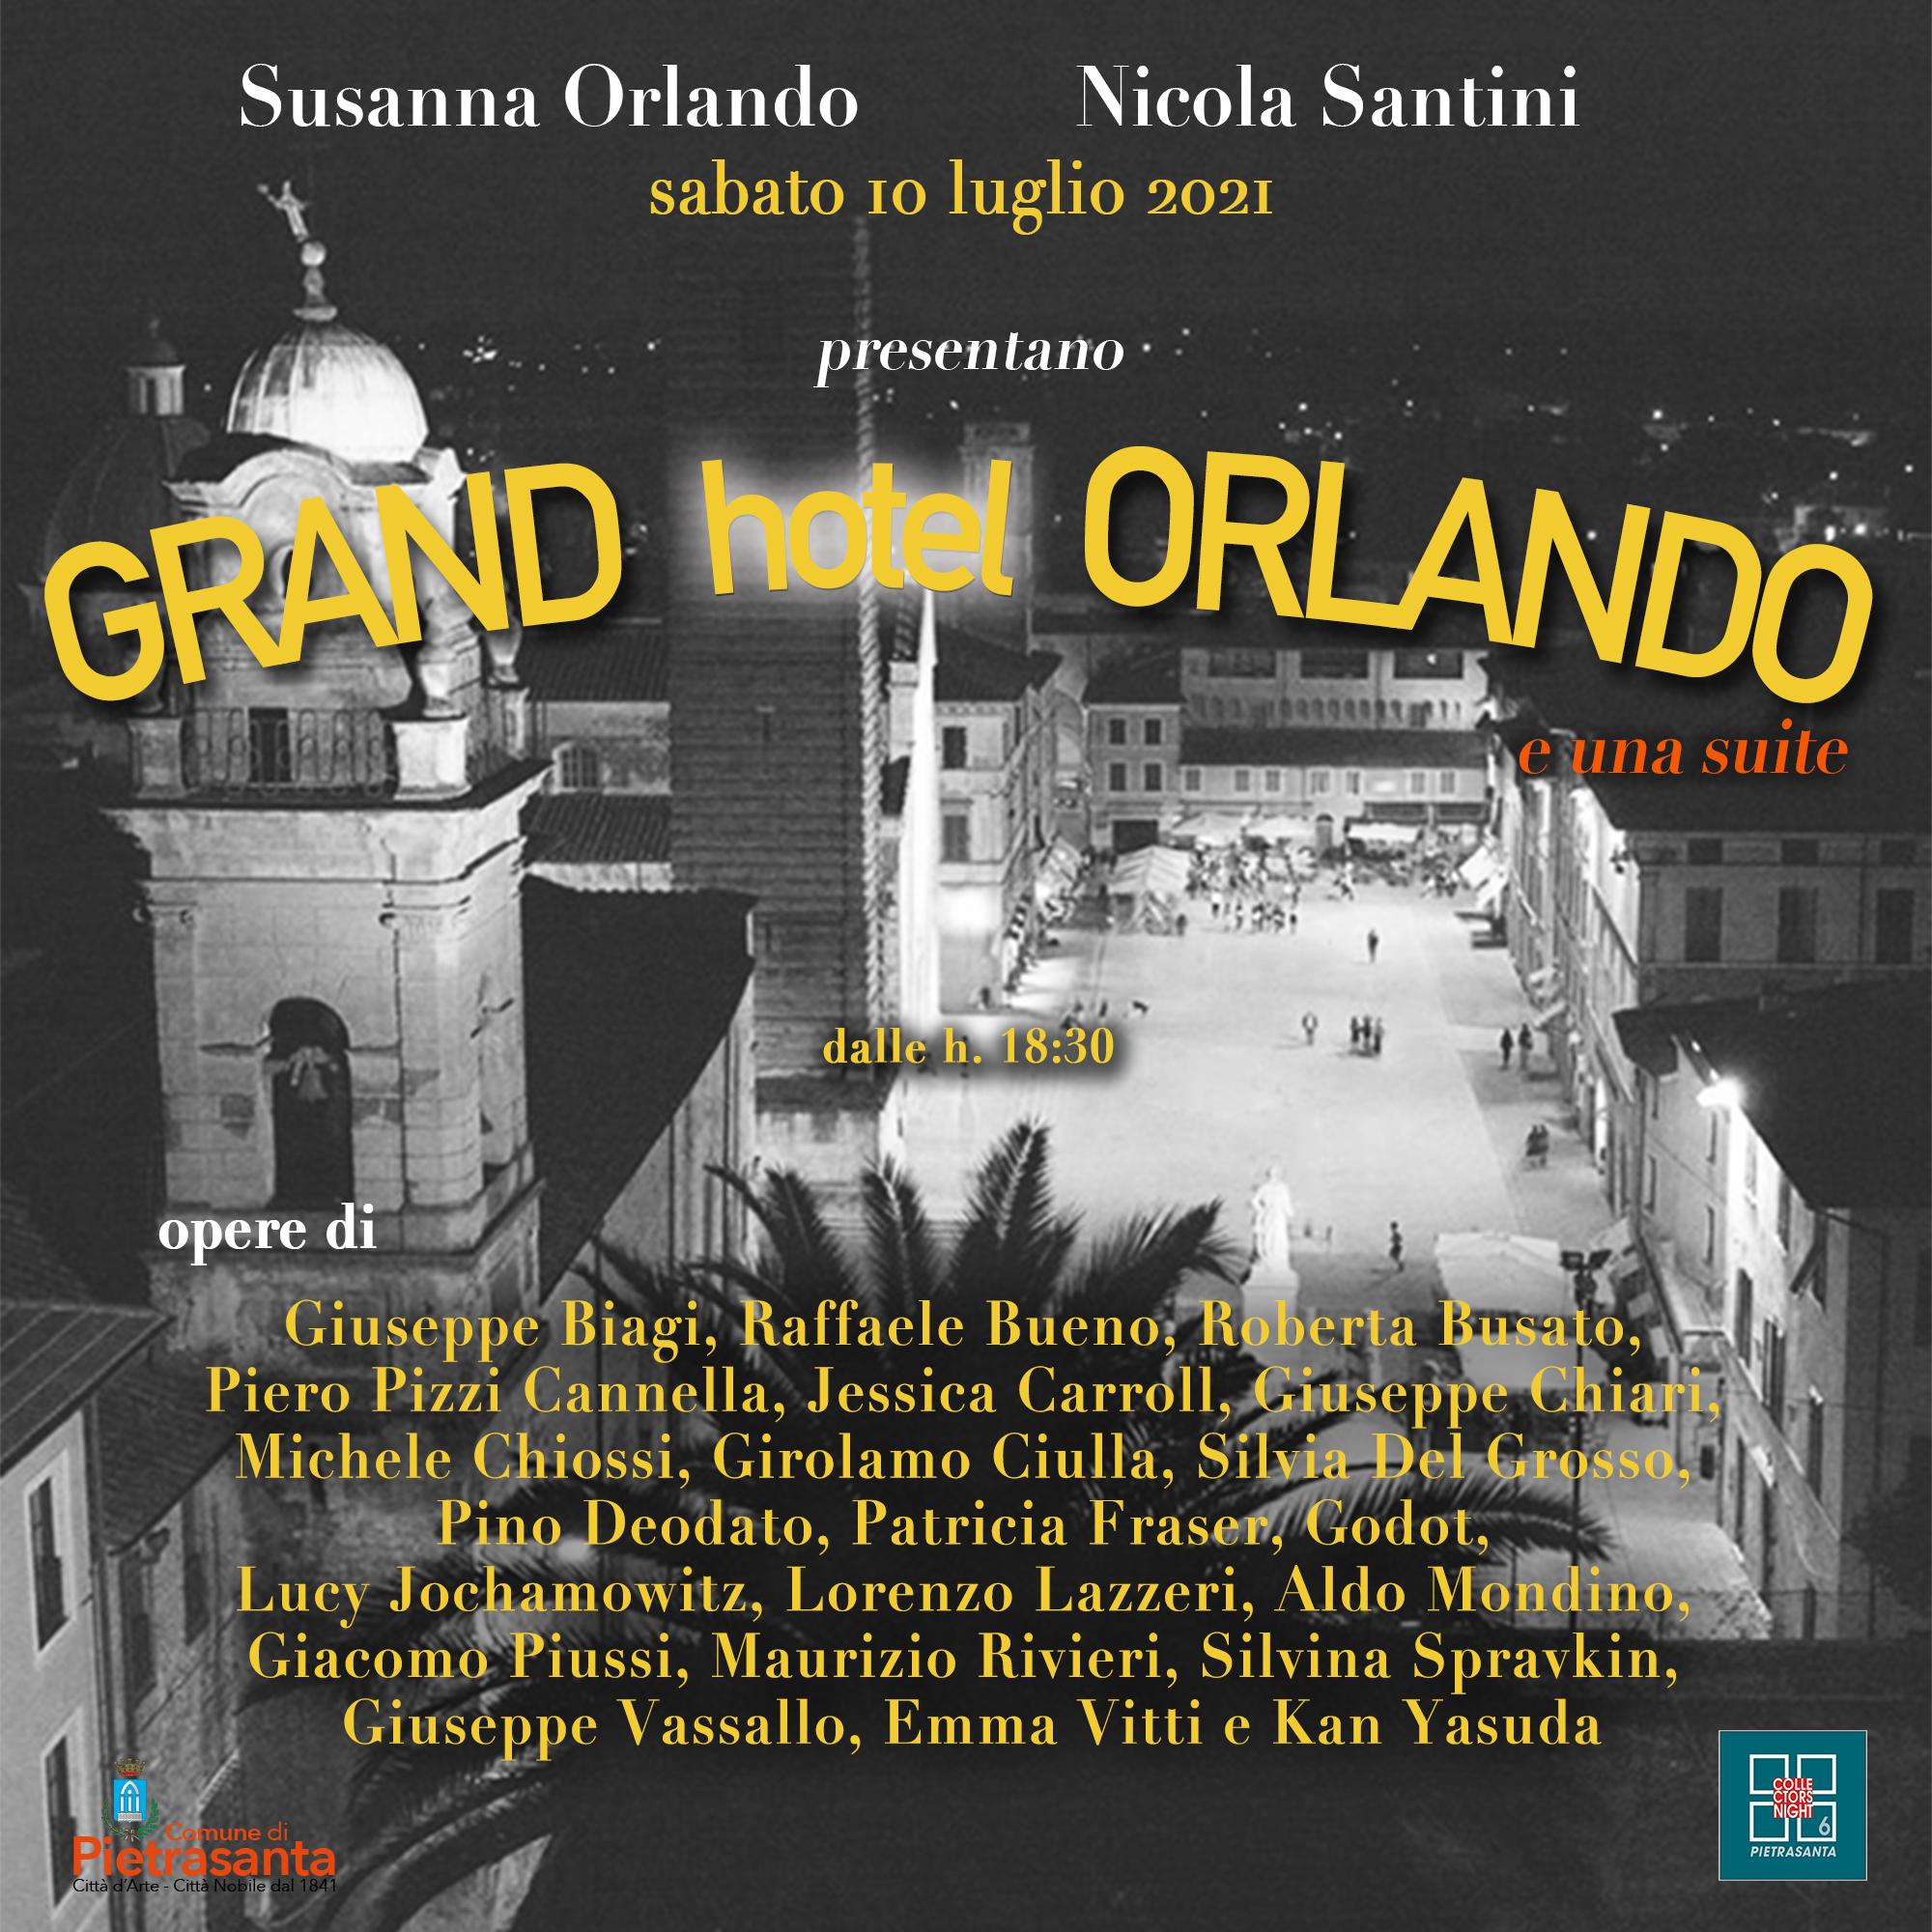 GRAND hotel ORLANDO e una suite Galleria Susanna Orlando Pietrasanta